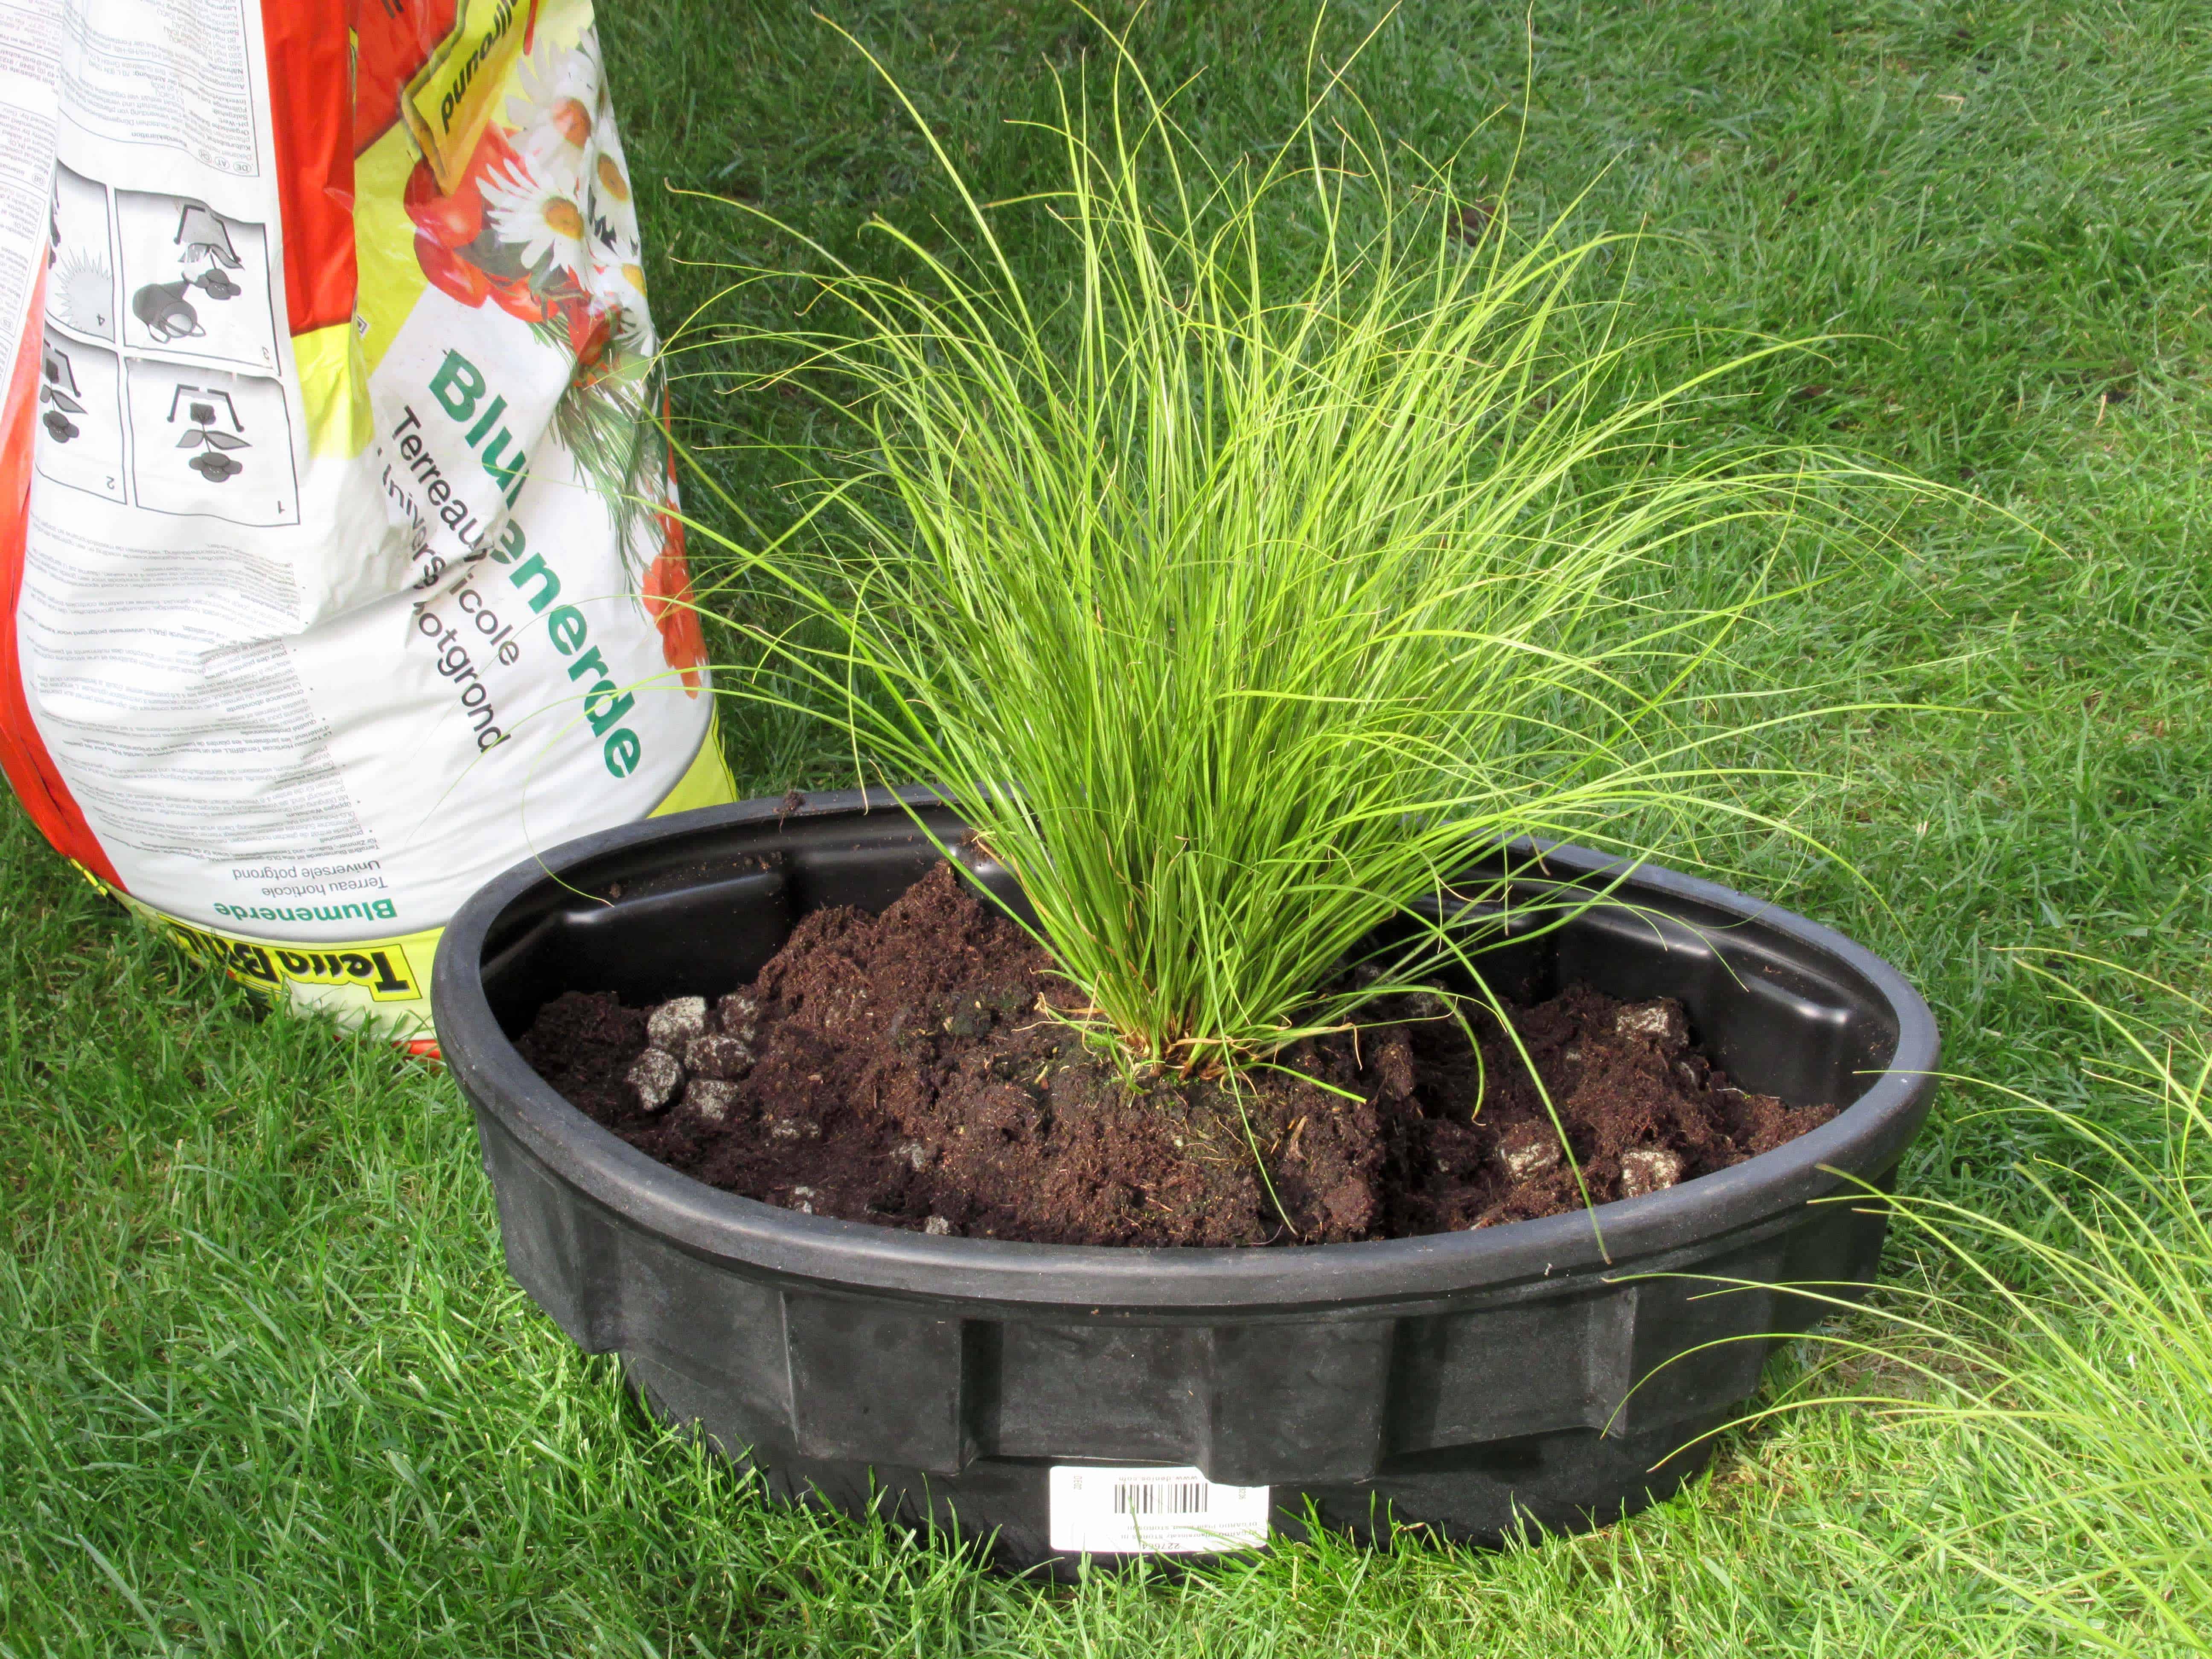 MiGreen Cubes grondverbeteraar met potgrond vermengen in de inzetbak, vervolgens de plant(en) inbrengen